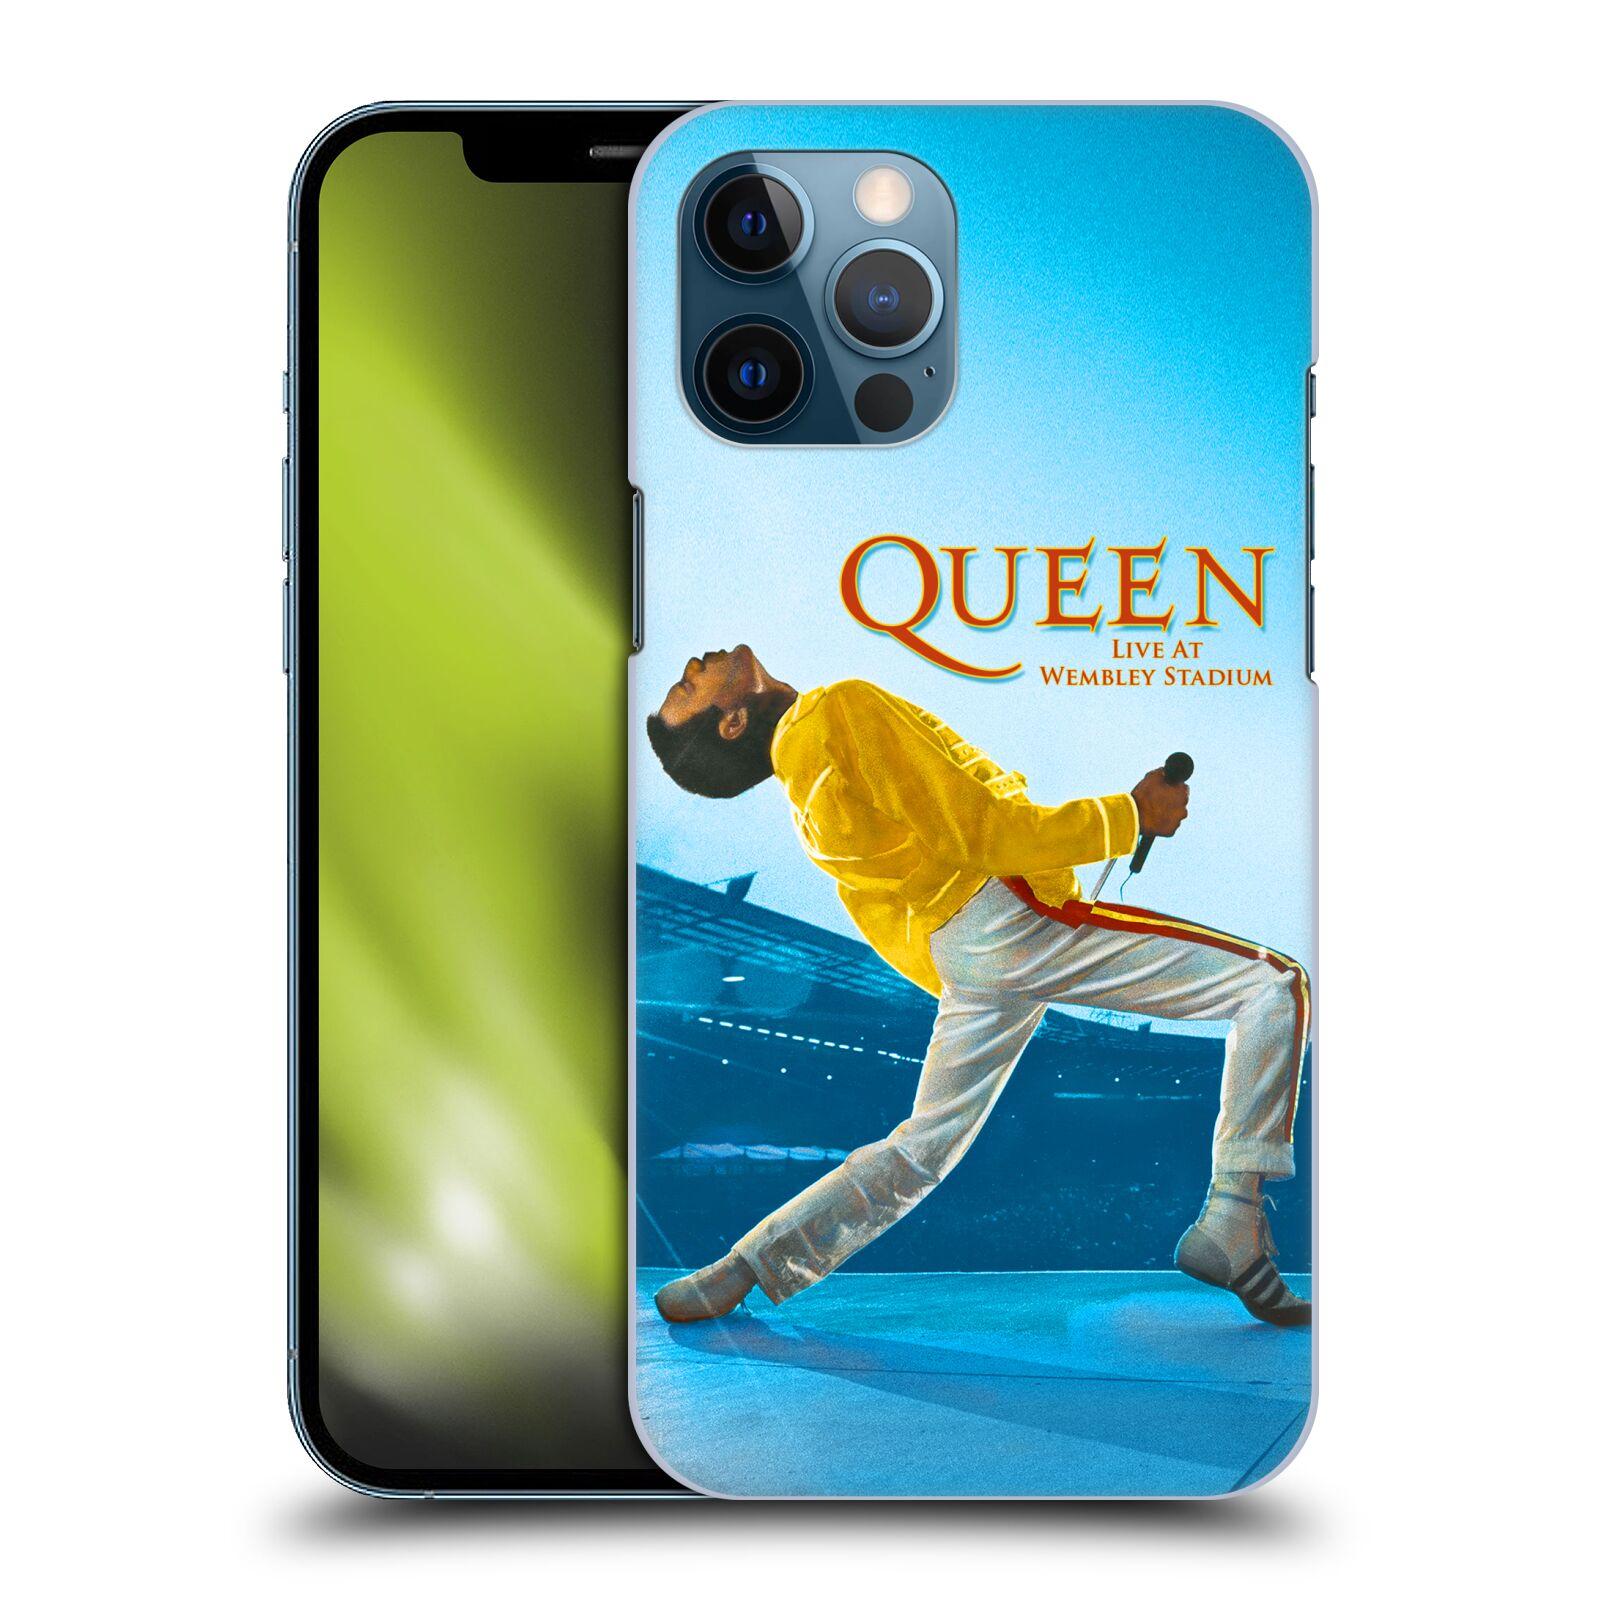 Plastové pouzdro na mobil Apple iPhone 12 Pro Max - Head Case - Queen - Freddie Mercury